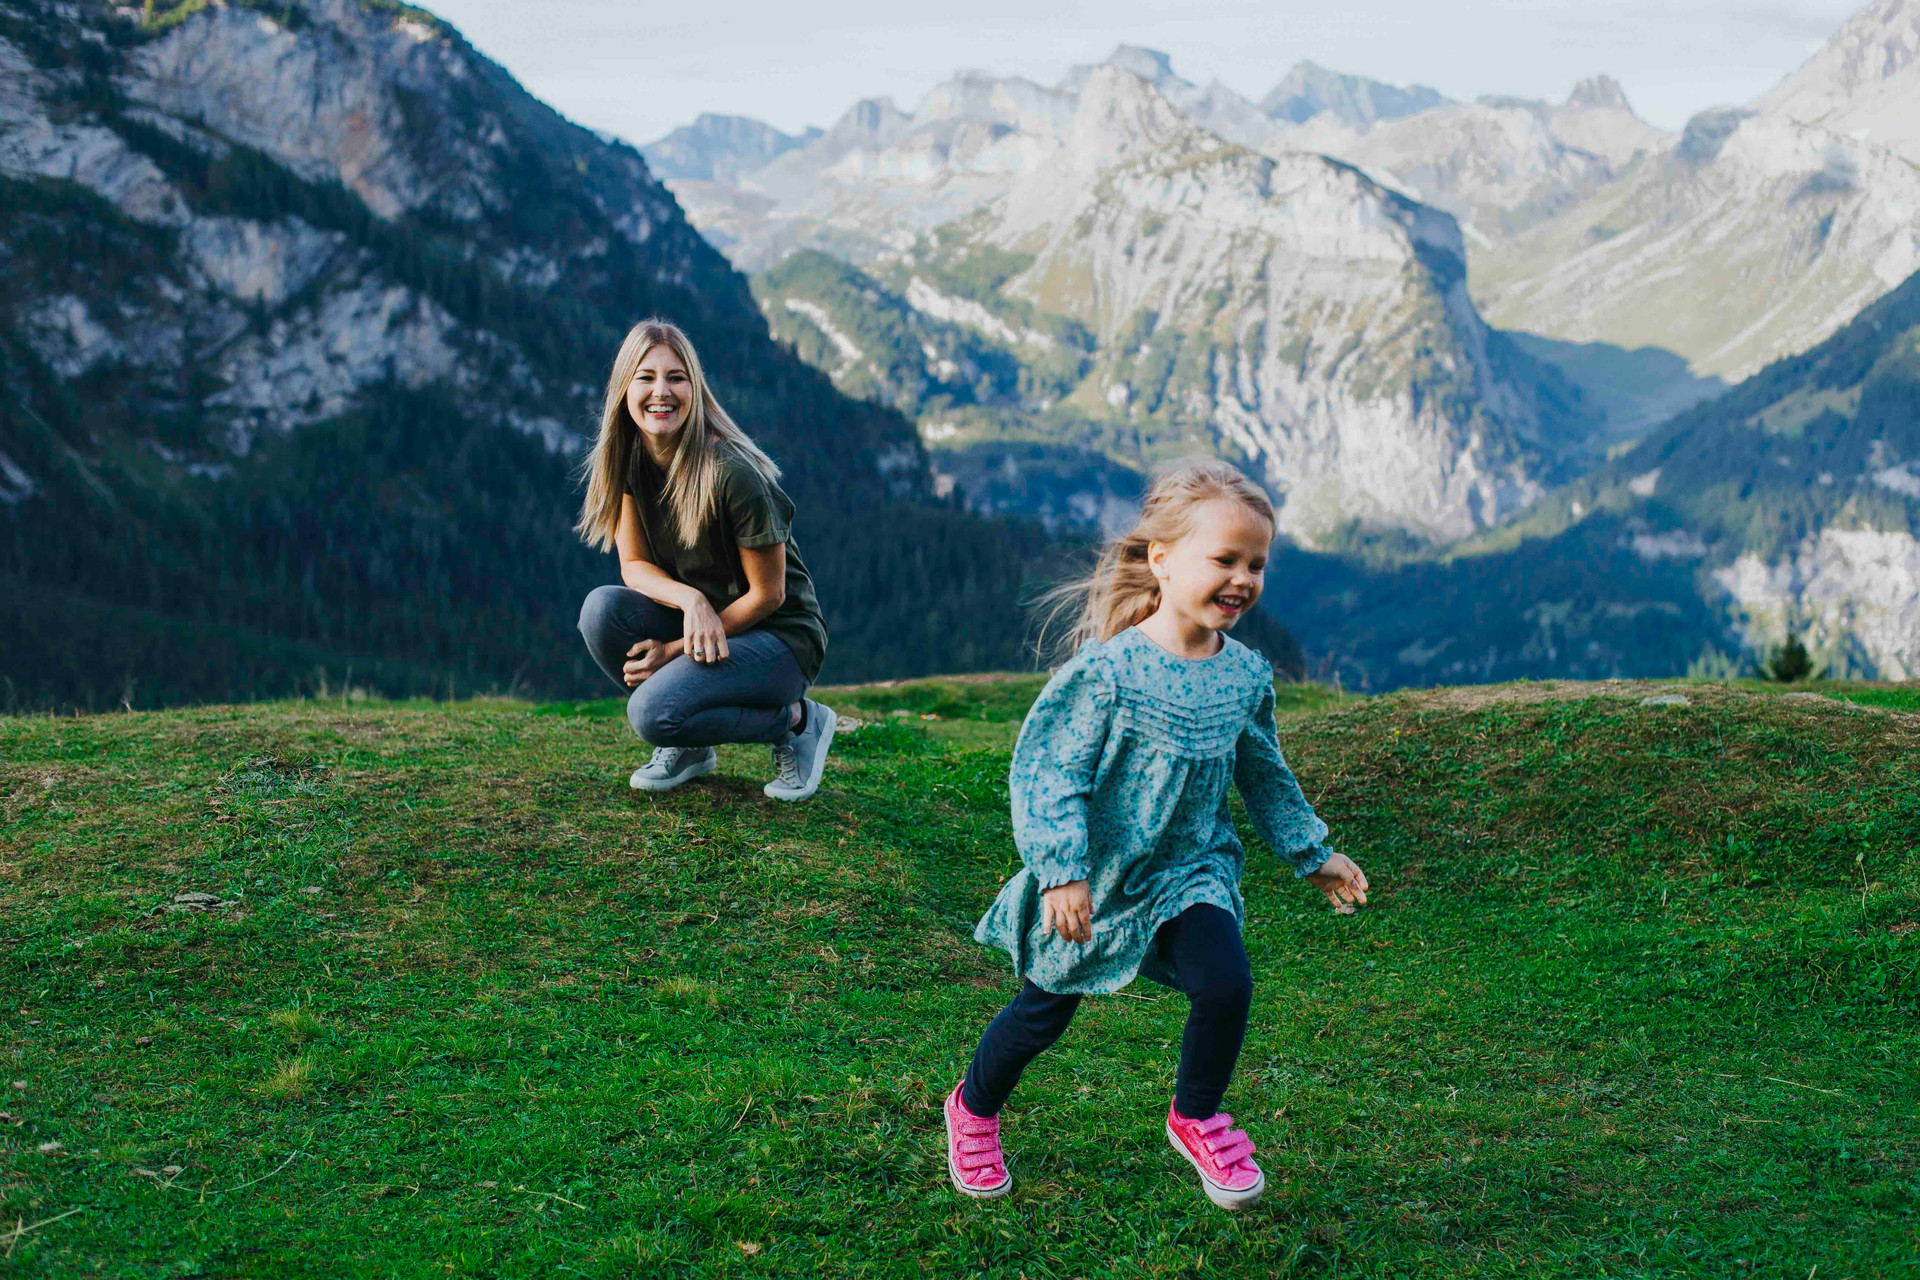 Kandersteg family photo session-5.jpg